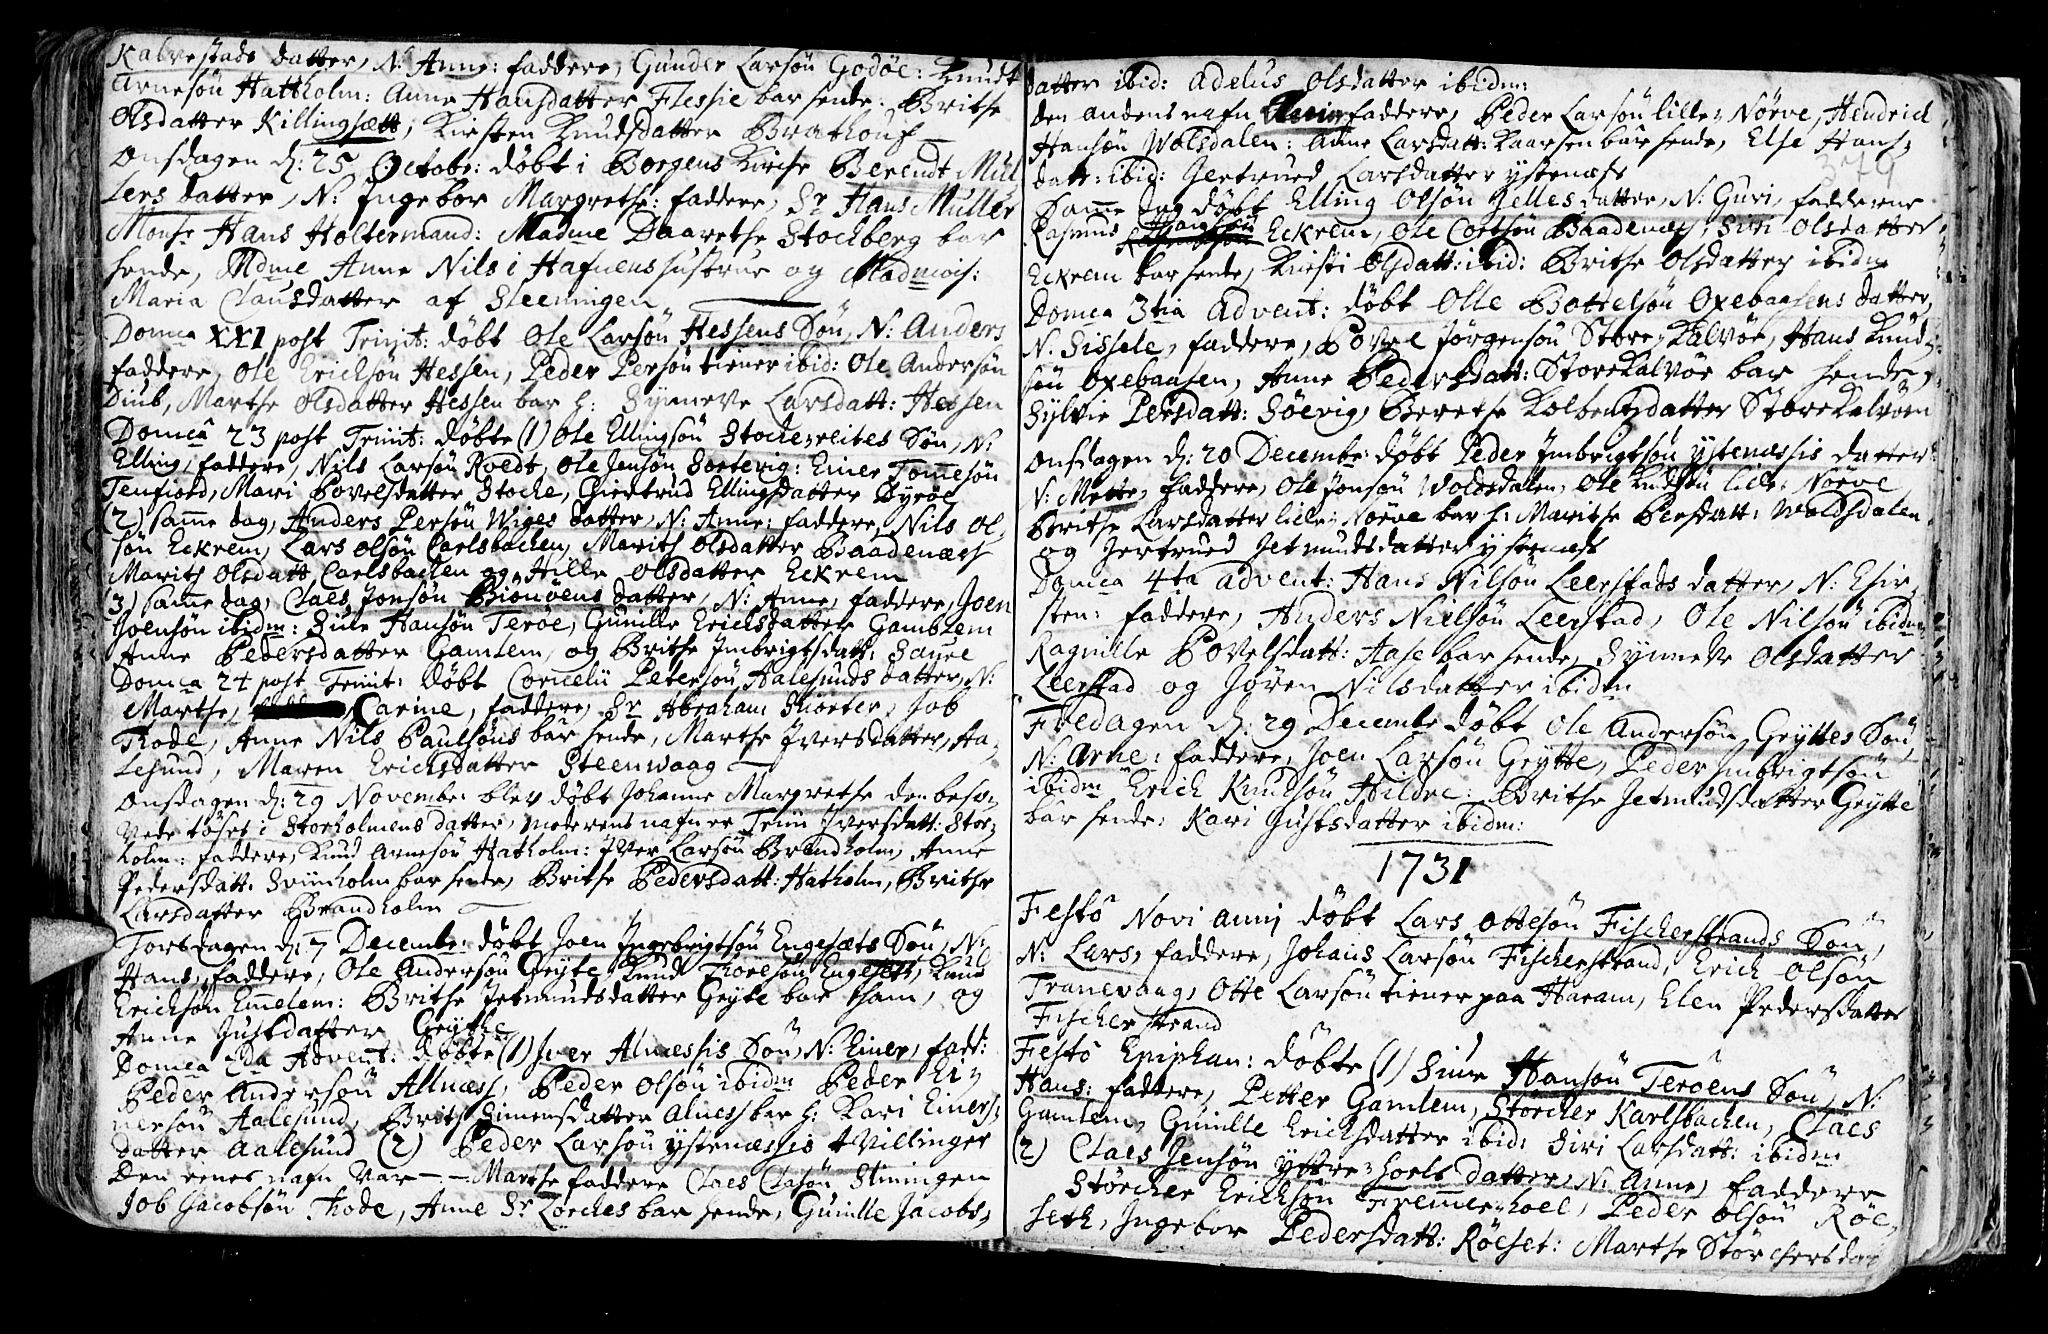 SAT, Ministerialprotokoller, klokkerbøker og fødselsregistre - Møre og Romsdal, 528/L0390: Ministerialbok nr. 528A01, 1698-1739, s. 378-379